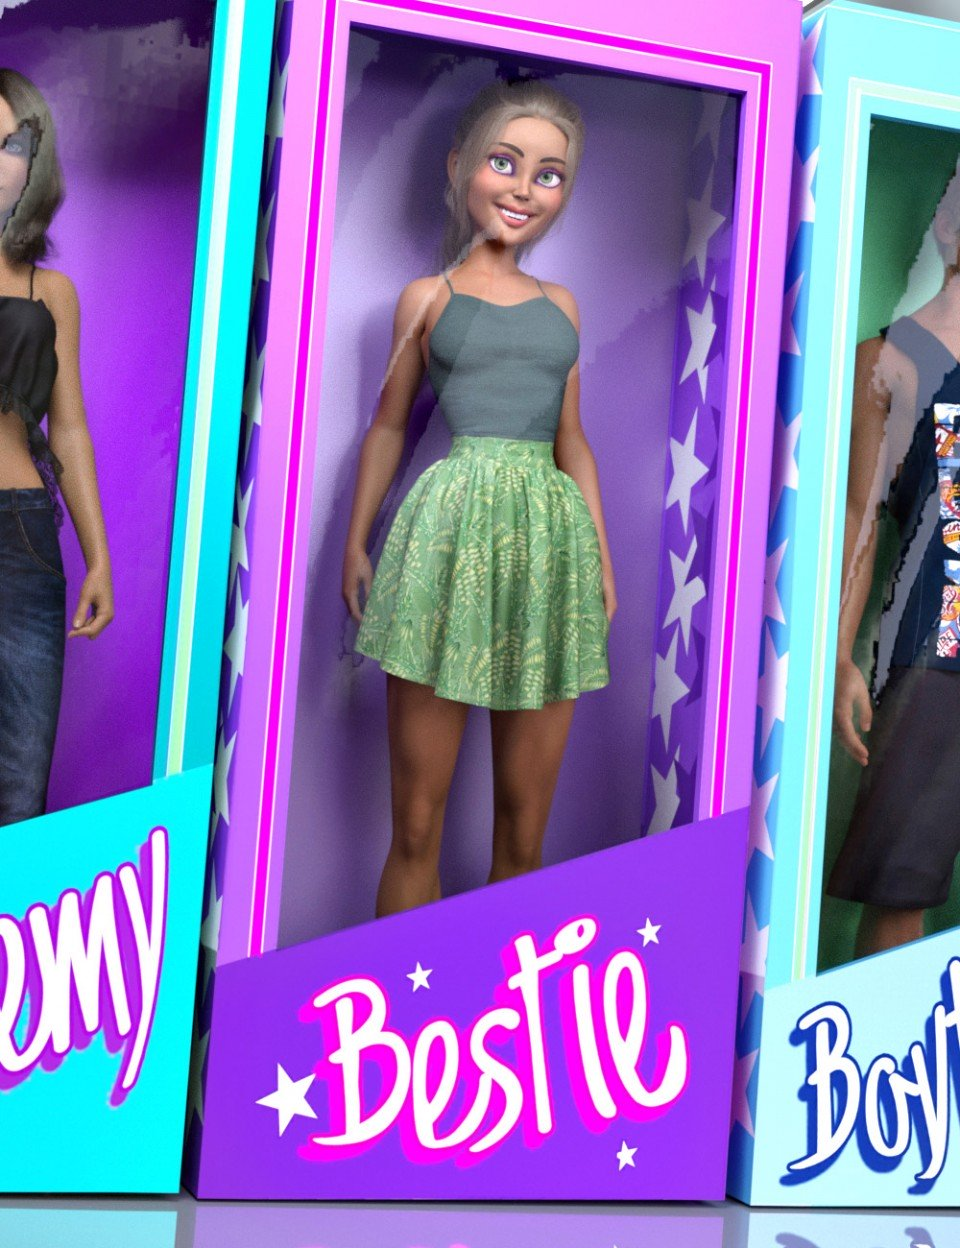 DP Bestie for The Girl 8_DAZ3D下载站